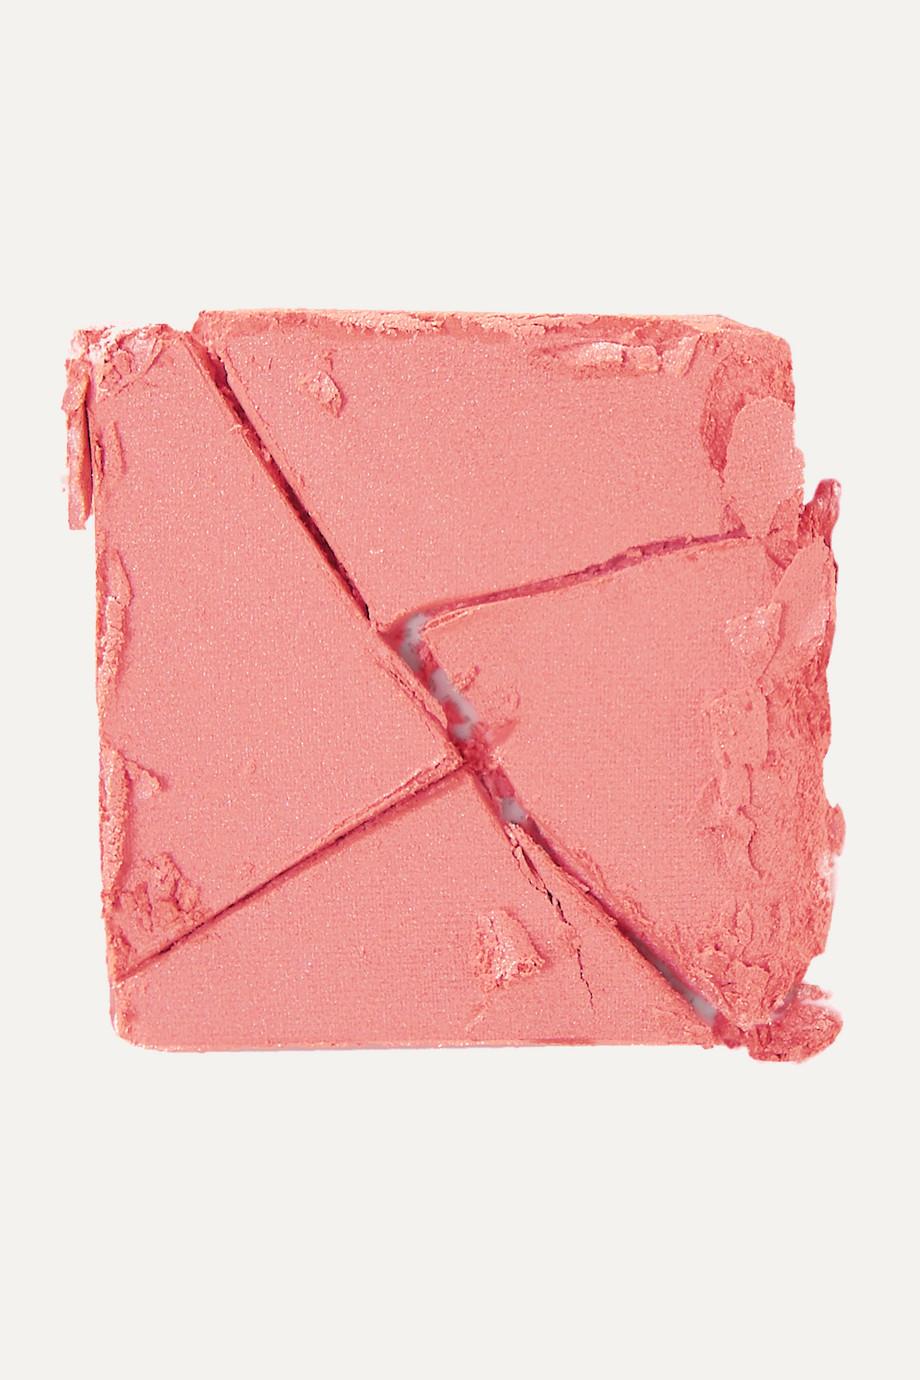 Shiseido InnerGlow Cheek Powder – Twilight Hour 02 – Rouge